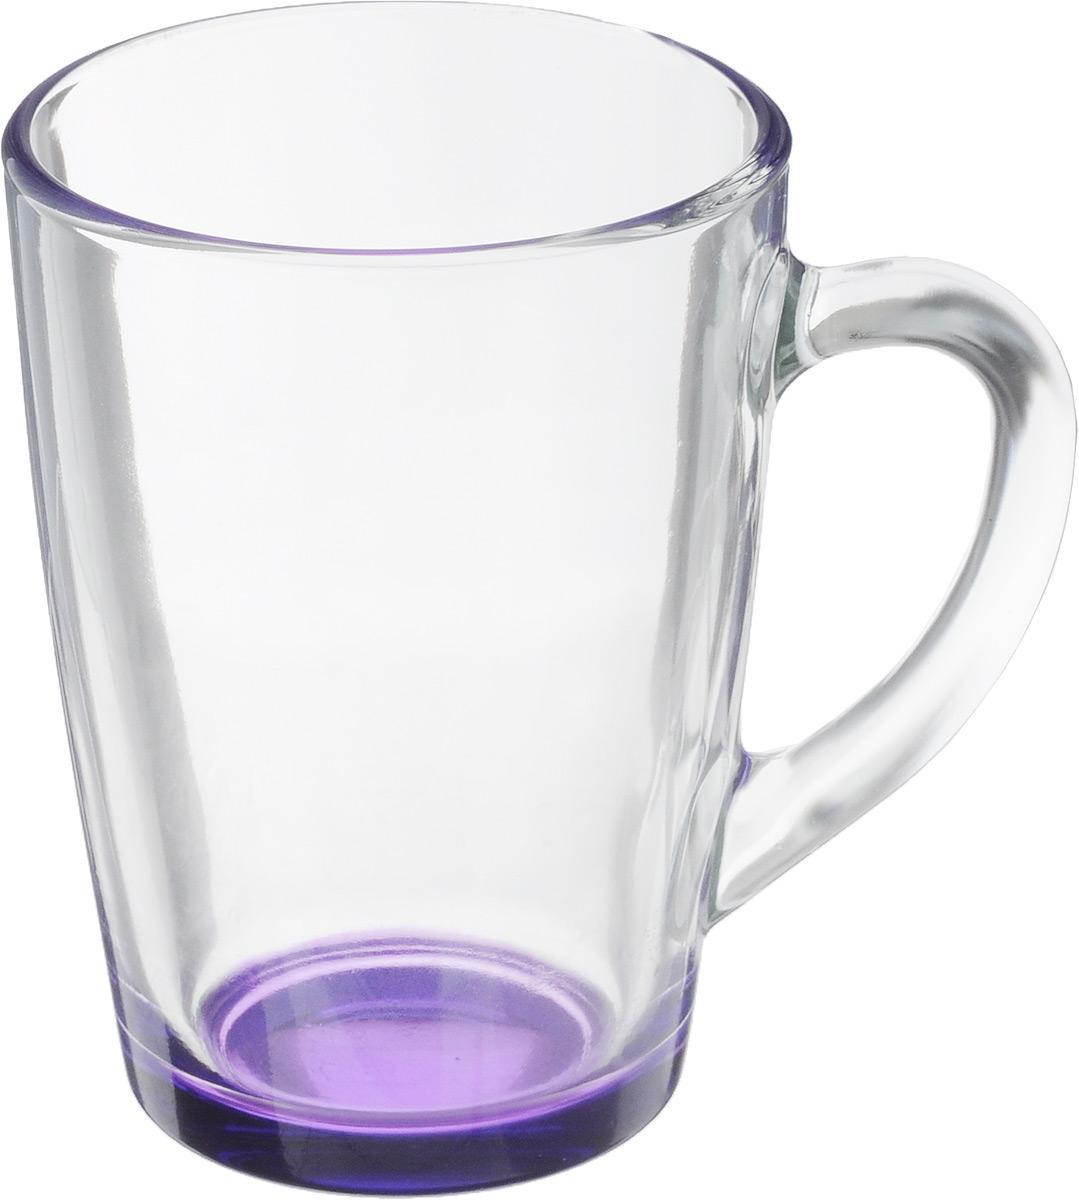 Кружка OSZ Капучино, цвет: прозрачный, фиолетовый, 300 мл. 07C1334LM07C1334LM_прозрачный, фиолетовыйКружка OSZ Капучино изготовлена из стекла двух цветов. Изделие идеально подходит для сервировки стола. Кружка не только украсит ваш кухонный стол, но и подчеркнет прекрасный вкус хозяйки. Диаметр кружки (по верхнему краю): 8 см. Высота кружки: 11 см. Объем кружки: 300 мл.